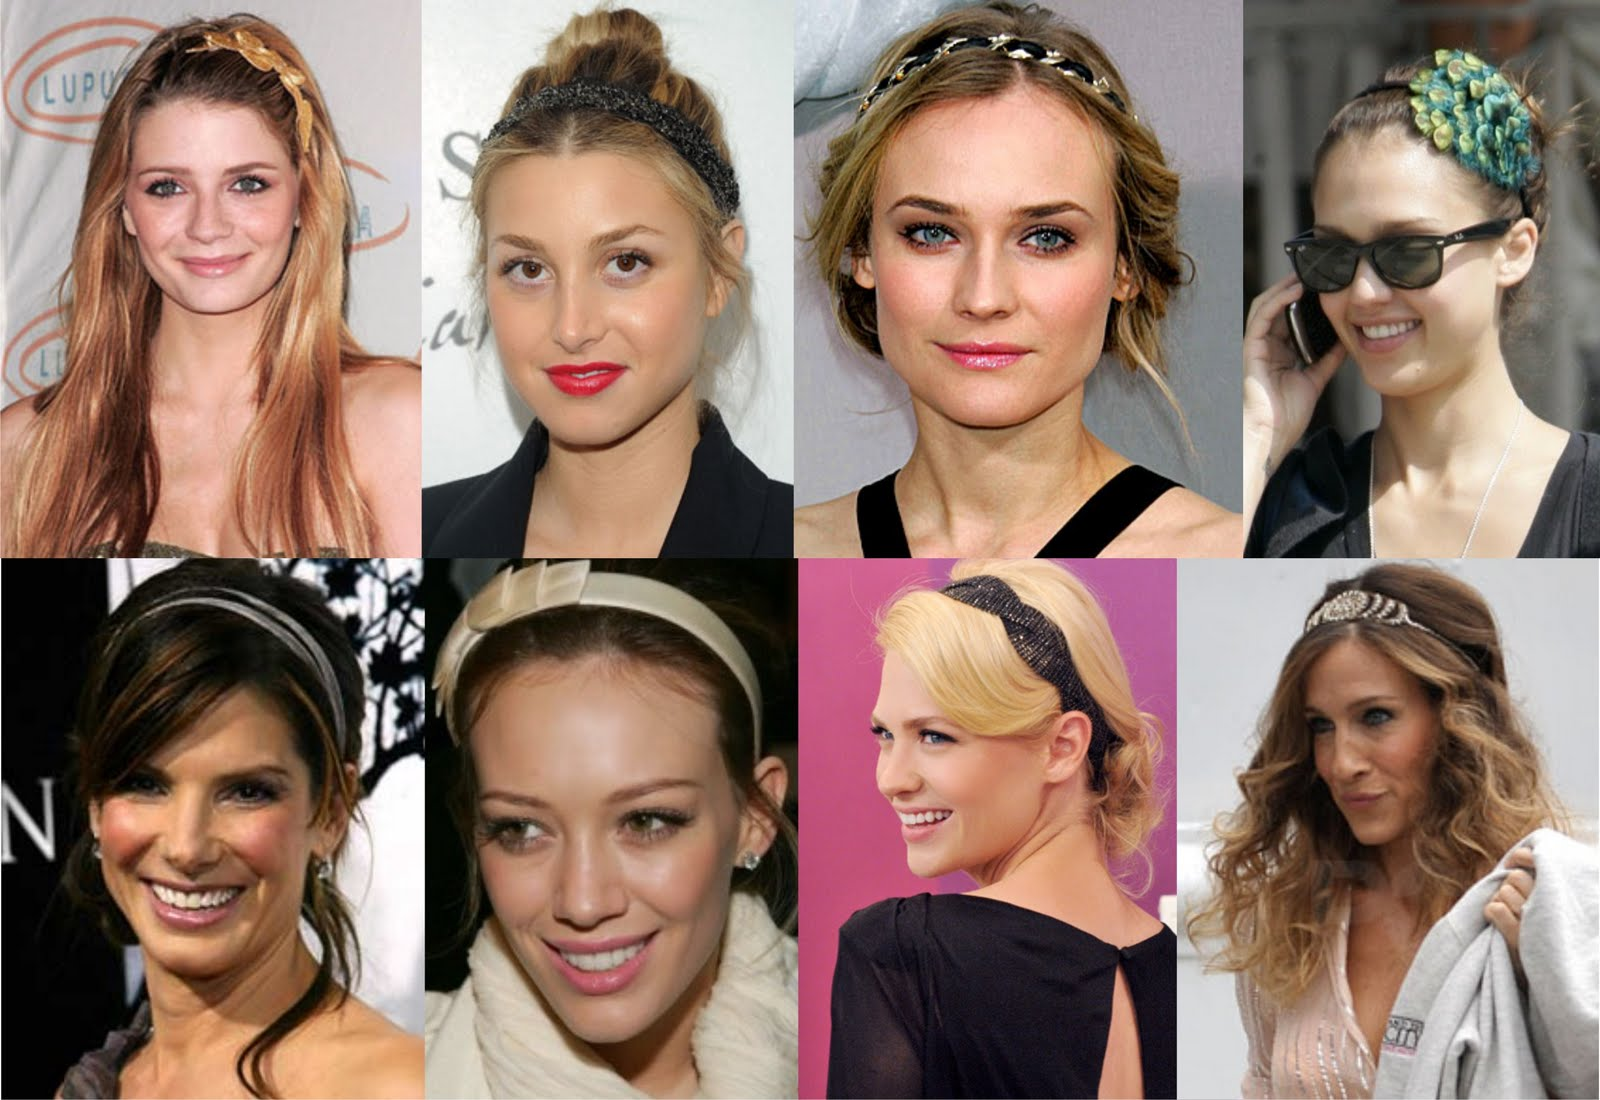 http://2.bp.blogspot.com/_ib1RMLnwguE/TTqgOS8nT2I/AAAAAAAAAI8/5RariZu1Lfw/s1600/famosas+headband+2.jpg